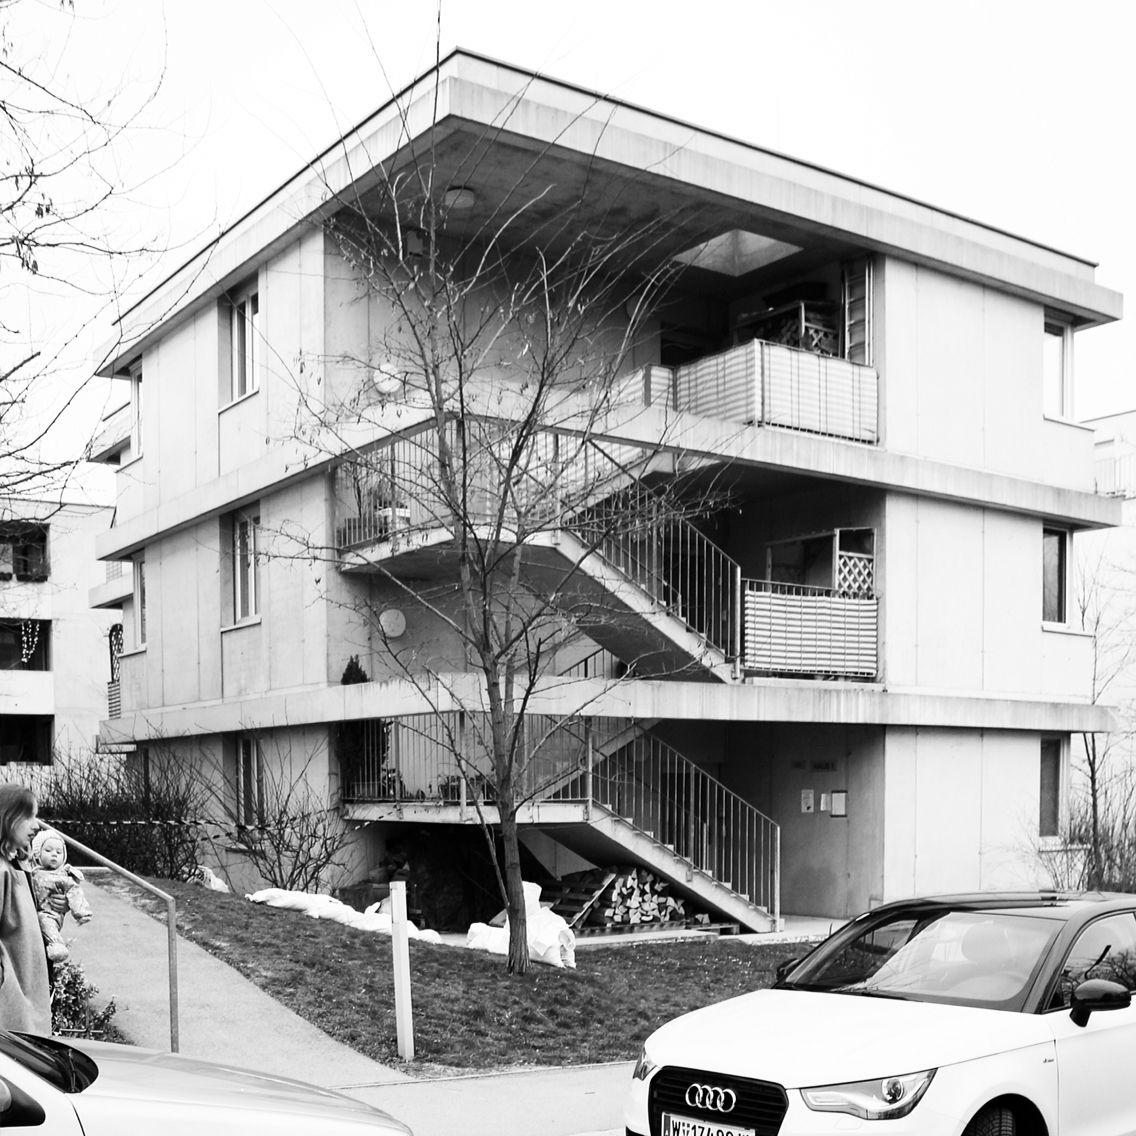 Mustersiedlung Hadersdorf. Adolf Krischanitz, Otto Steidle